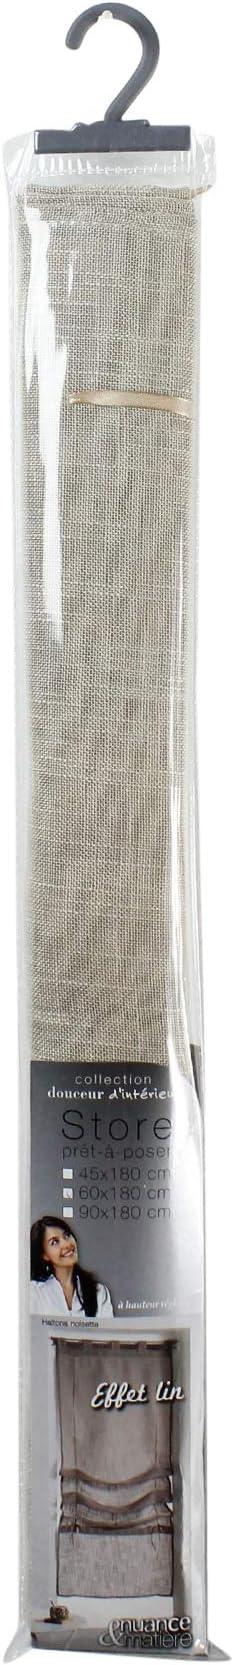 douceur dint/érieur store droit a passants 60x180 cm effet lin haltona noisette